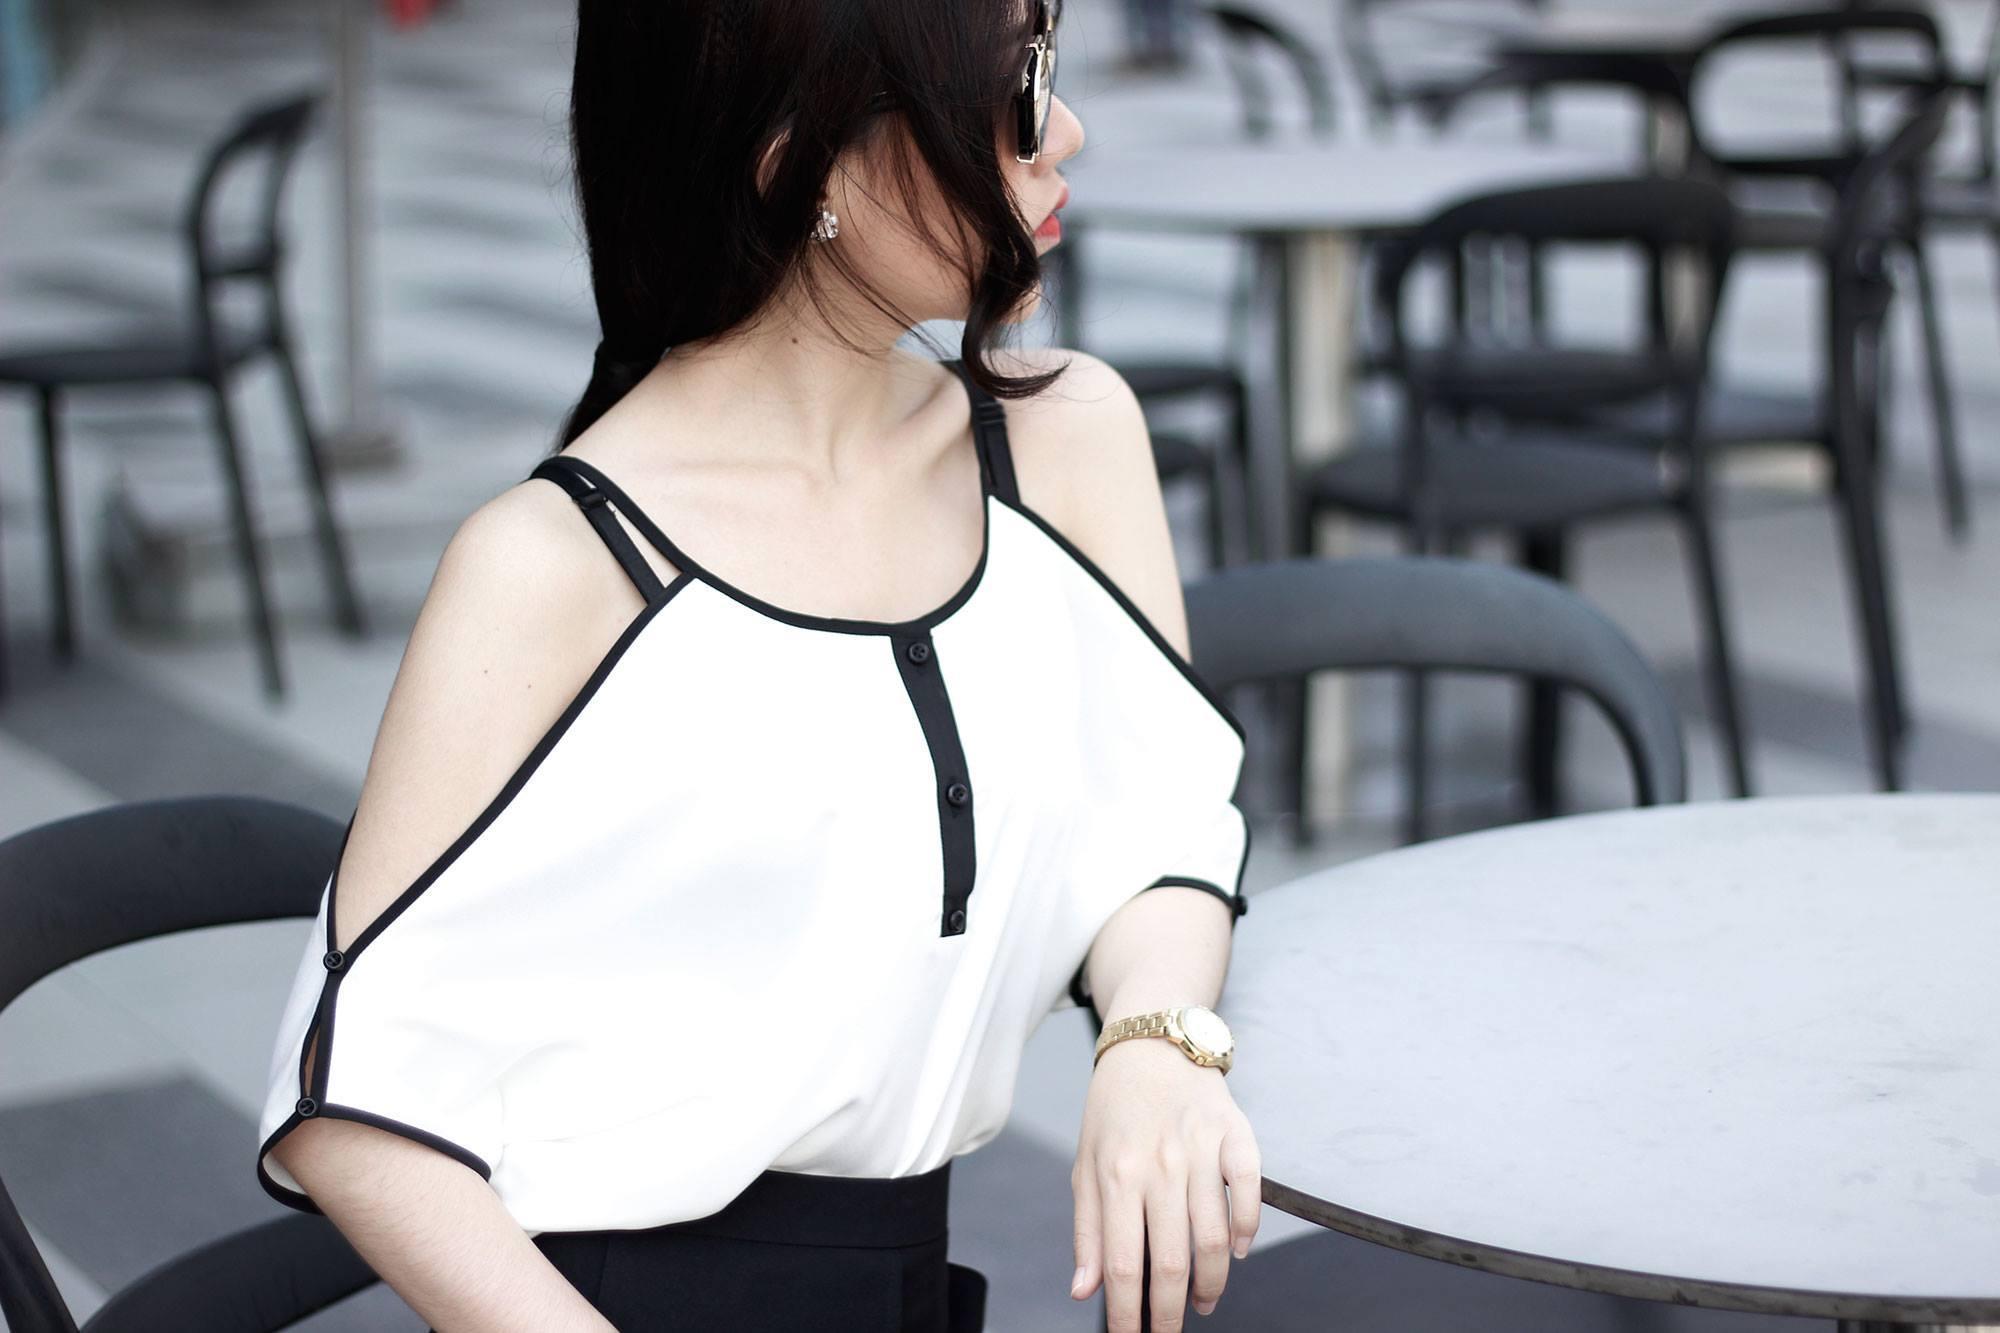 Aó thời trang rớt vai tay dơi đen